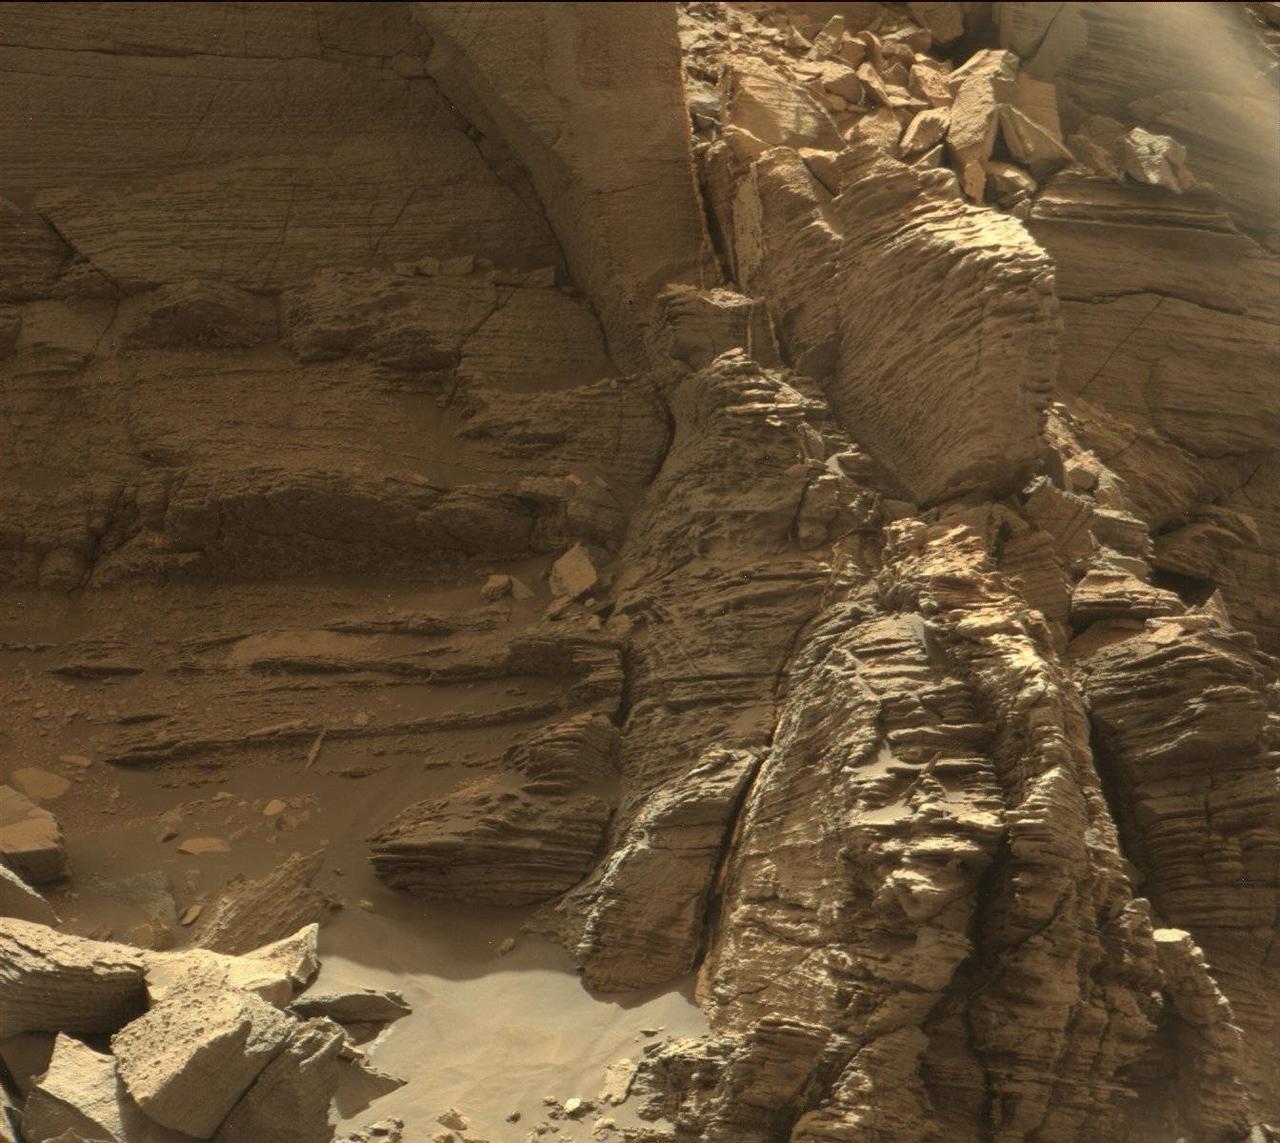 Марсоход Кьюриосити сделал уникальные фотографии марсианских скал